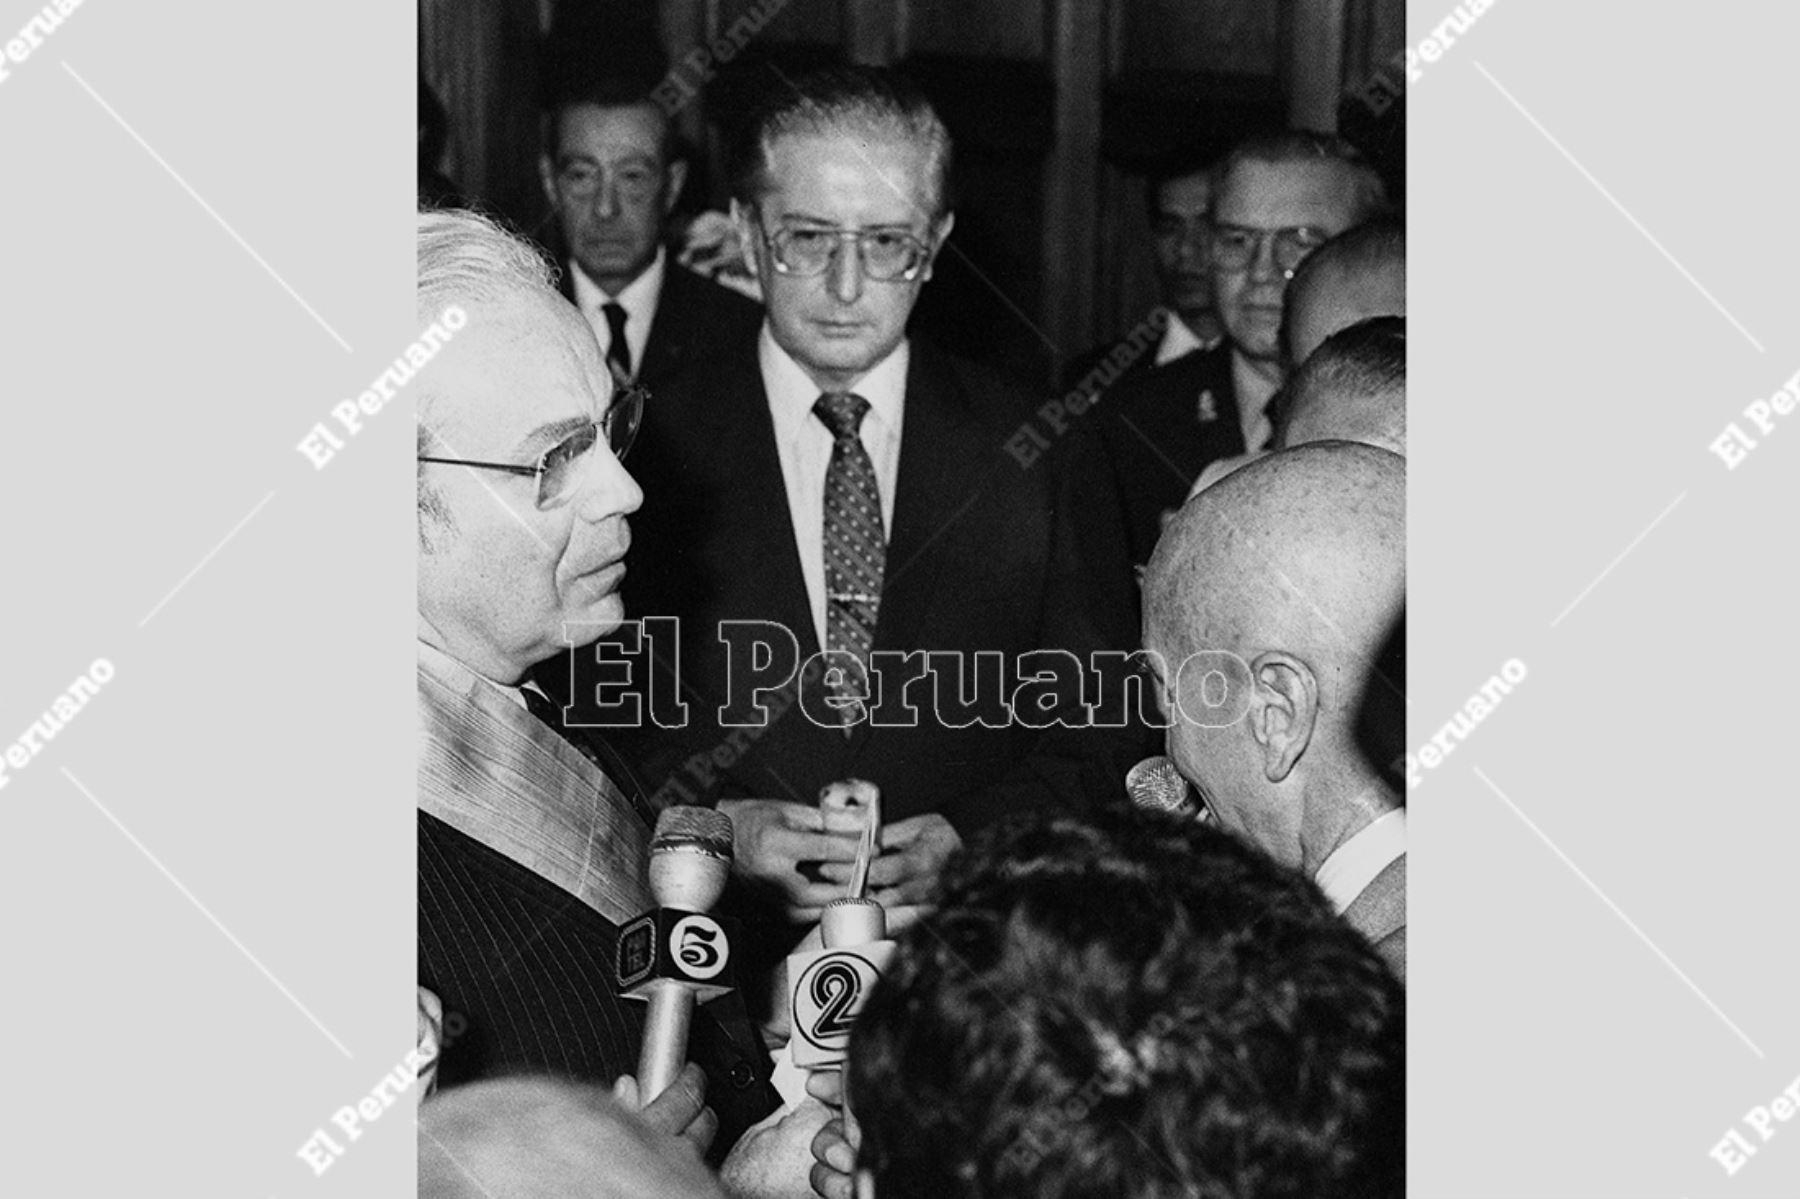 Lima - 4 abril 1984 / El senador Javier Alva Orlandini saluda al secretario general de las Naciones Unidas, Javier Pérez de Cuéllar, que fue condecorado por la Cámara de Diputados. El reconocido diplómatico visita el Perú en el marco del XX Periodo de Sesiones de la CEPAL. Foto: Archivo Histórico de El Peruano / Orlando Adrianzén